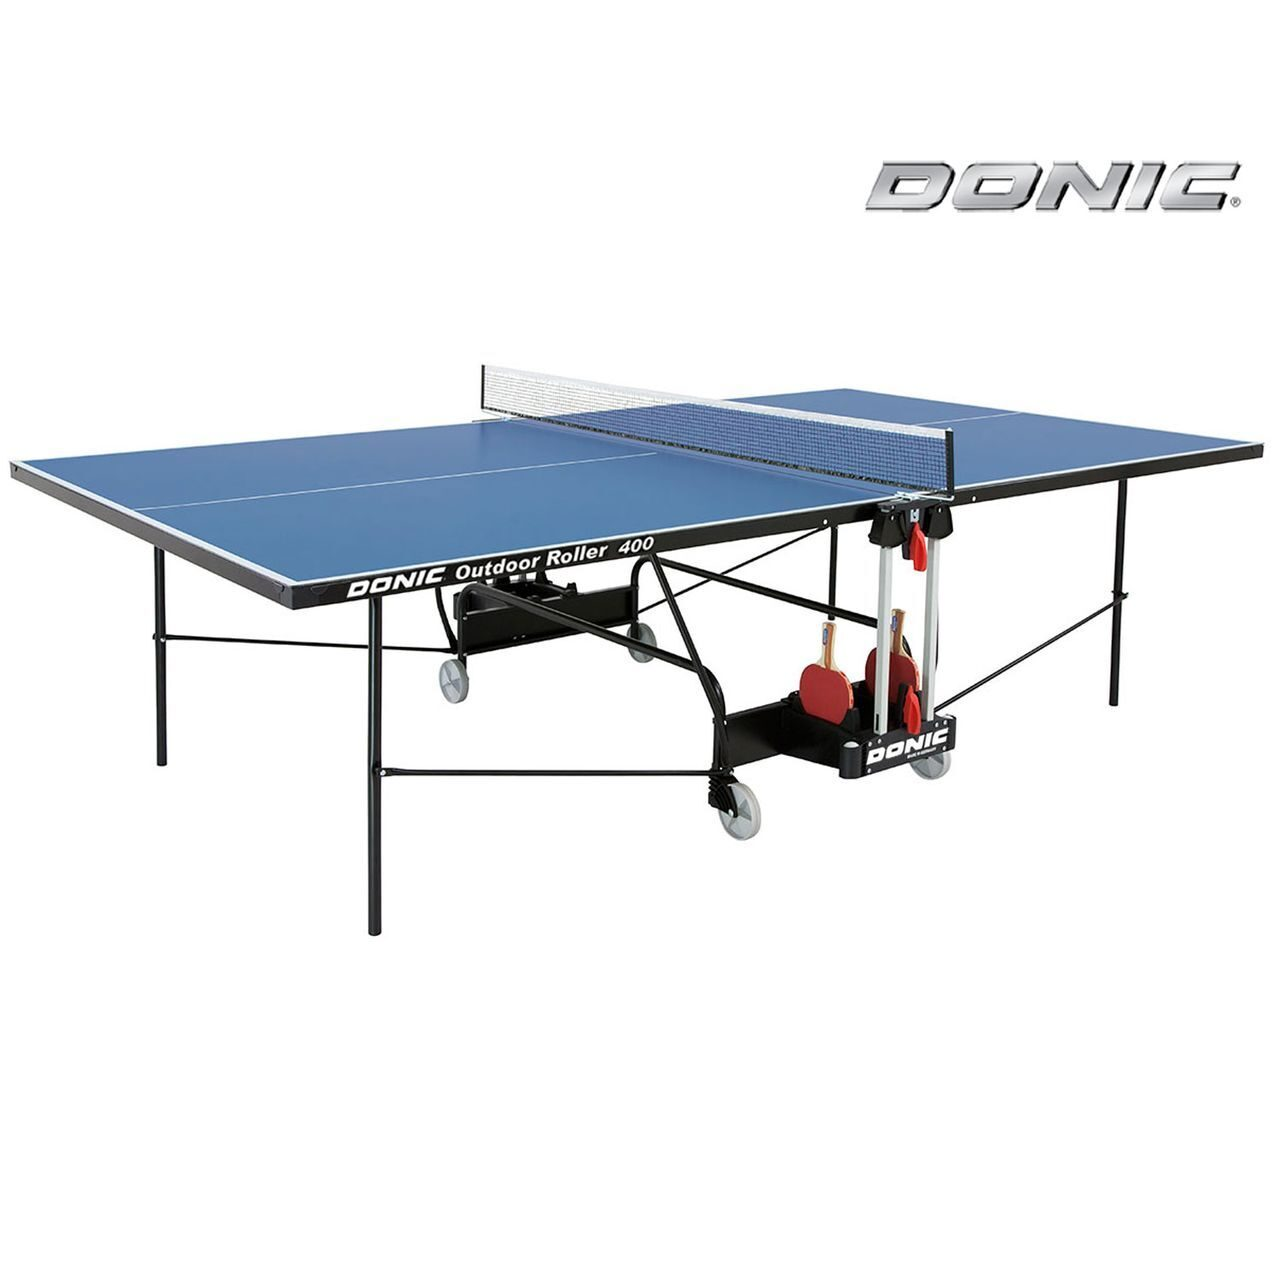 Всепогодный теннисный стол Donic Outdoor Roller 400 синий 230294-B